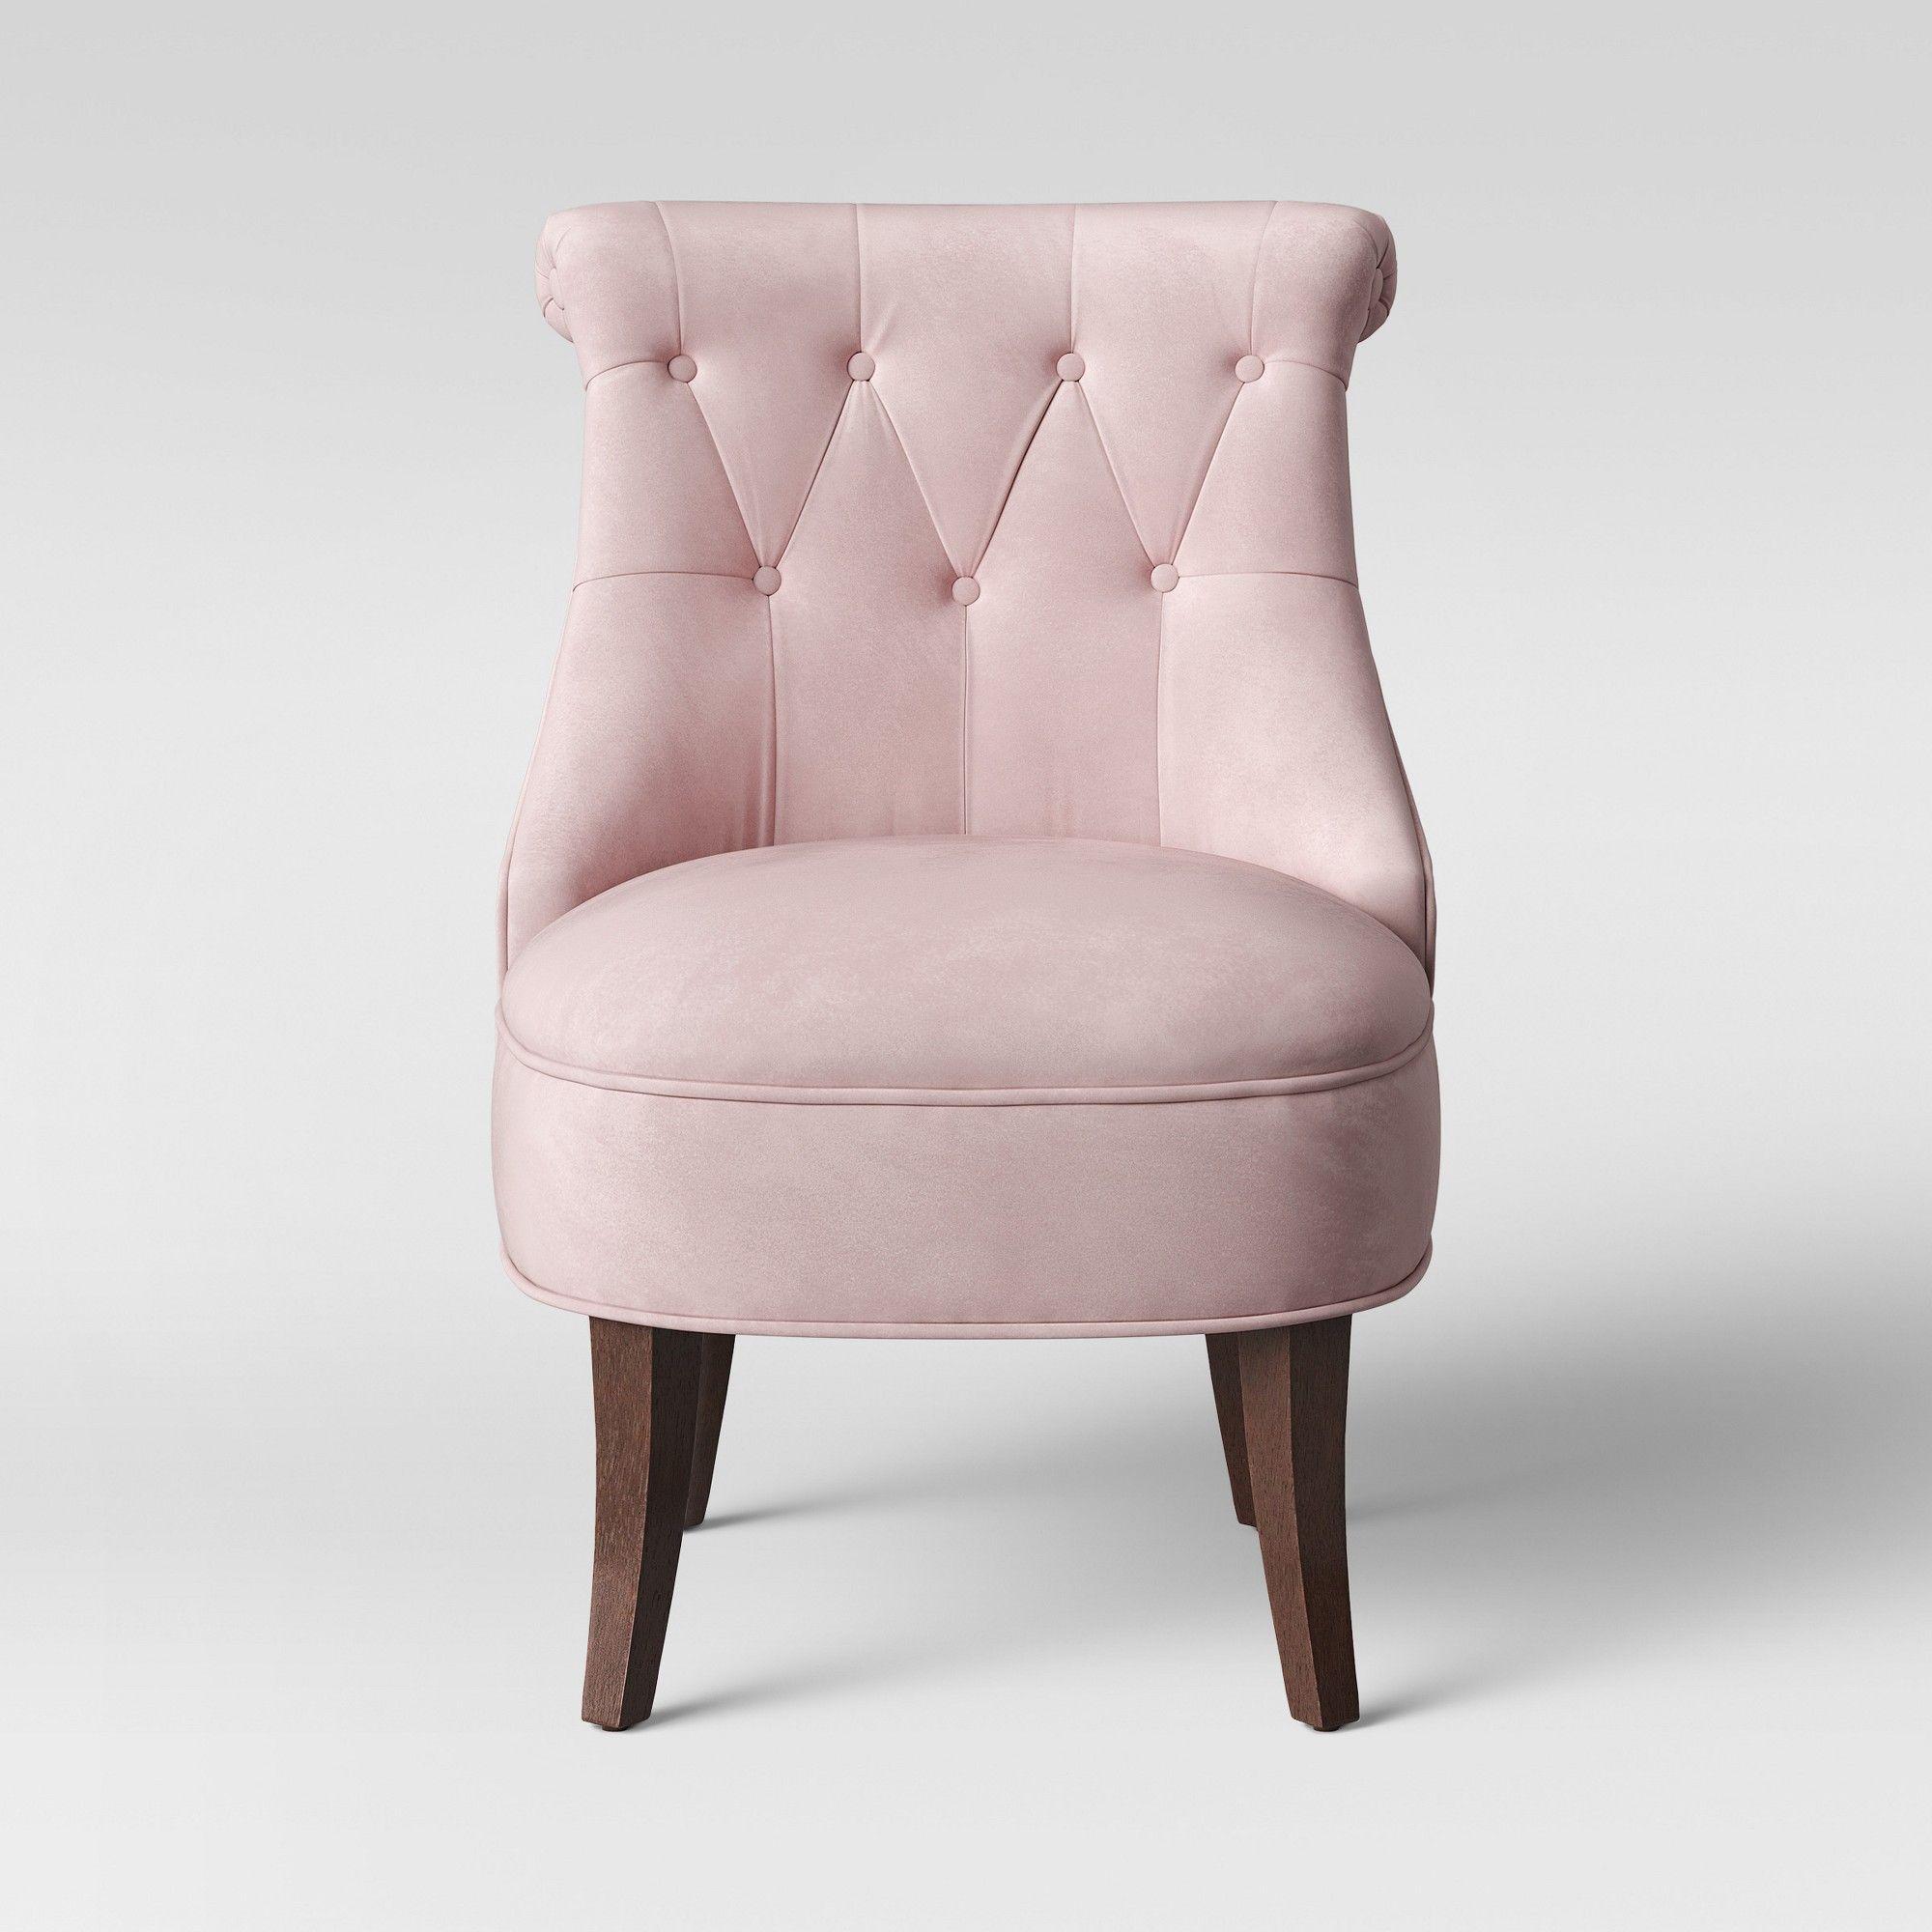 Kohls Light Purple Accent Designed Chair: Nerine Tufted Rollback Accent Chair Velvet Light Purple